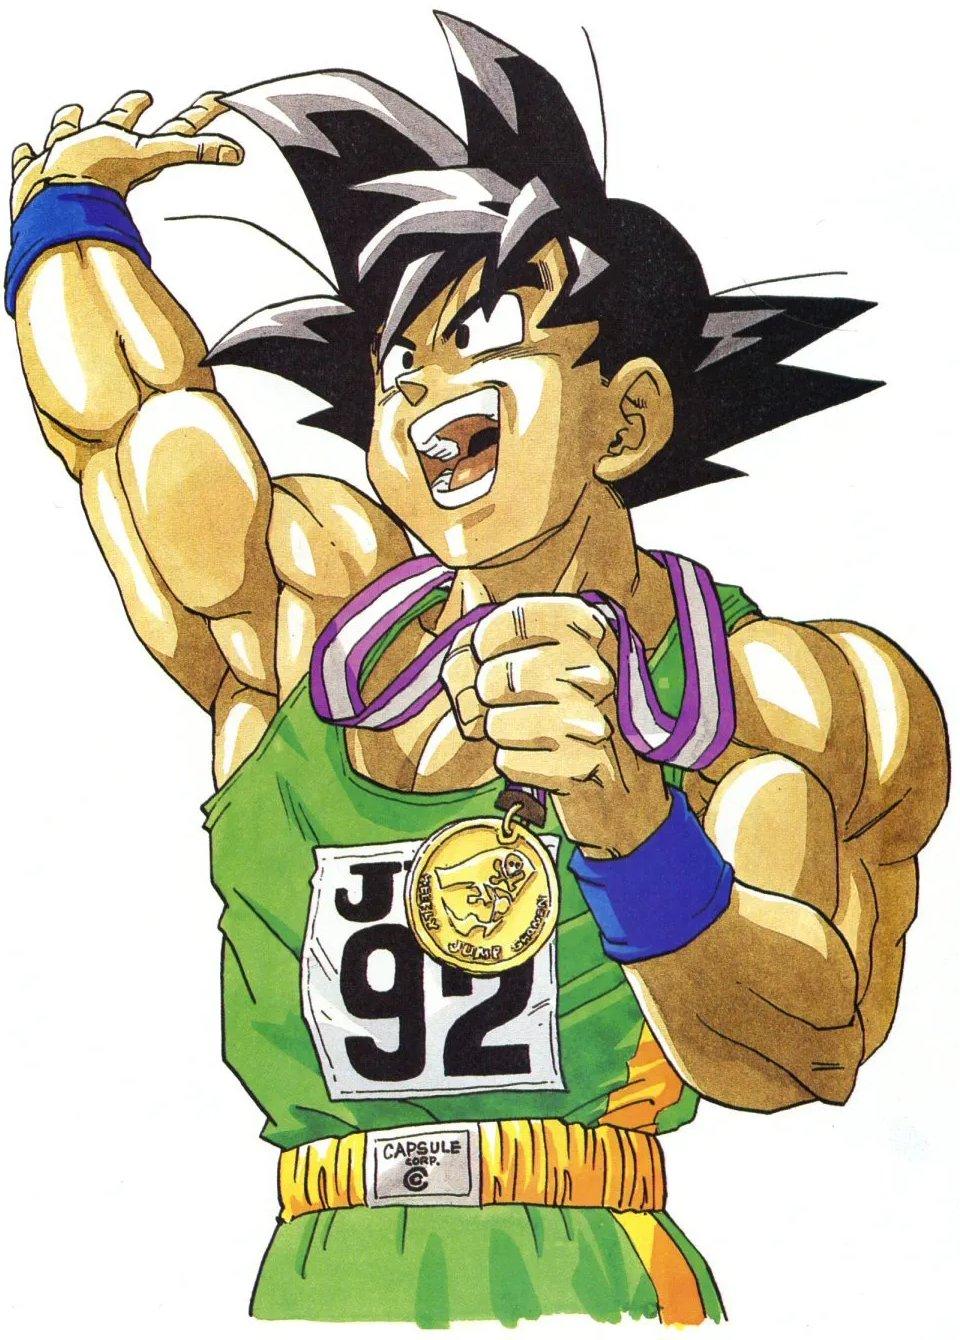 Goku JO 92